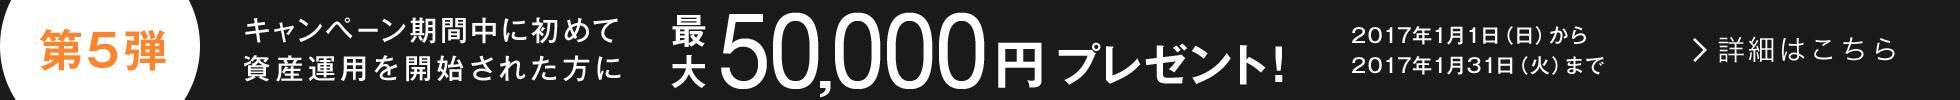 キャンペーン第5弾:キャンペーン期間中に初めて資産運用を開始された方に最大50,000円プレゼント!2017年1月1日(日)から2017年1月31日(火)まで